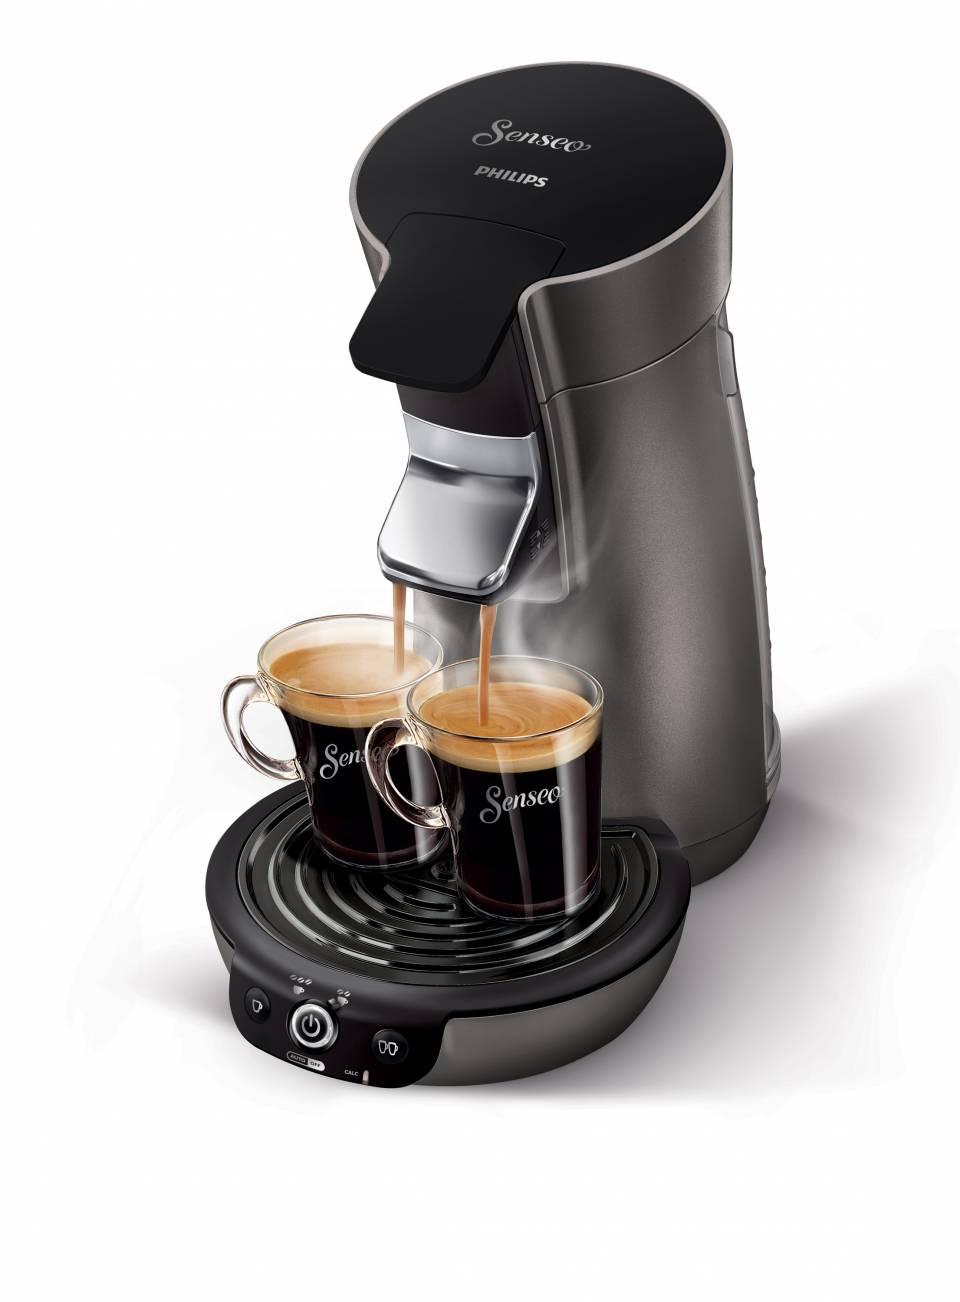 Die Philips Kaffeemaschine Senseo Viva Café Style HD7833/50 eine vielseitge Pad-Maschine